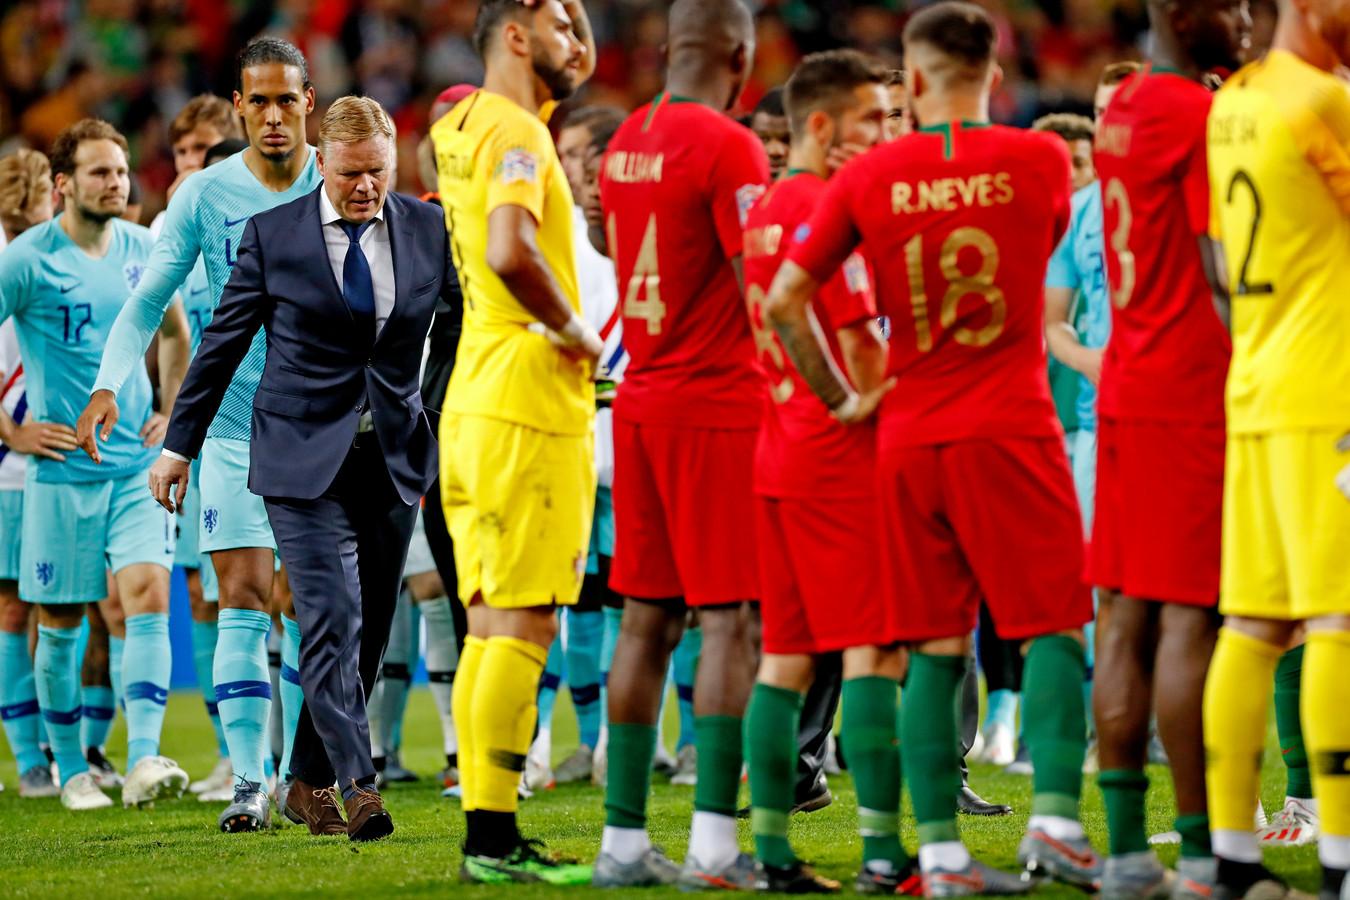 Bondscoach Ronald Koeman loopt langs de Portugezen die wachten totdat de beker wordt uitgereikt. Virgil van Dijk volgt evenals Daley Blind.